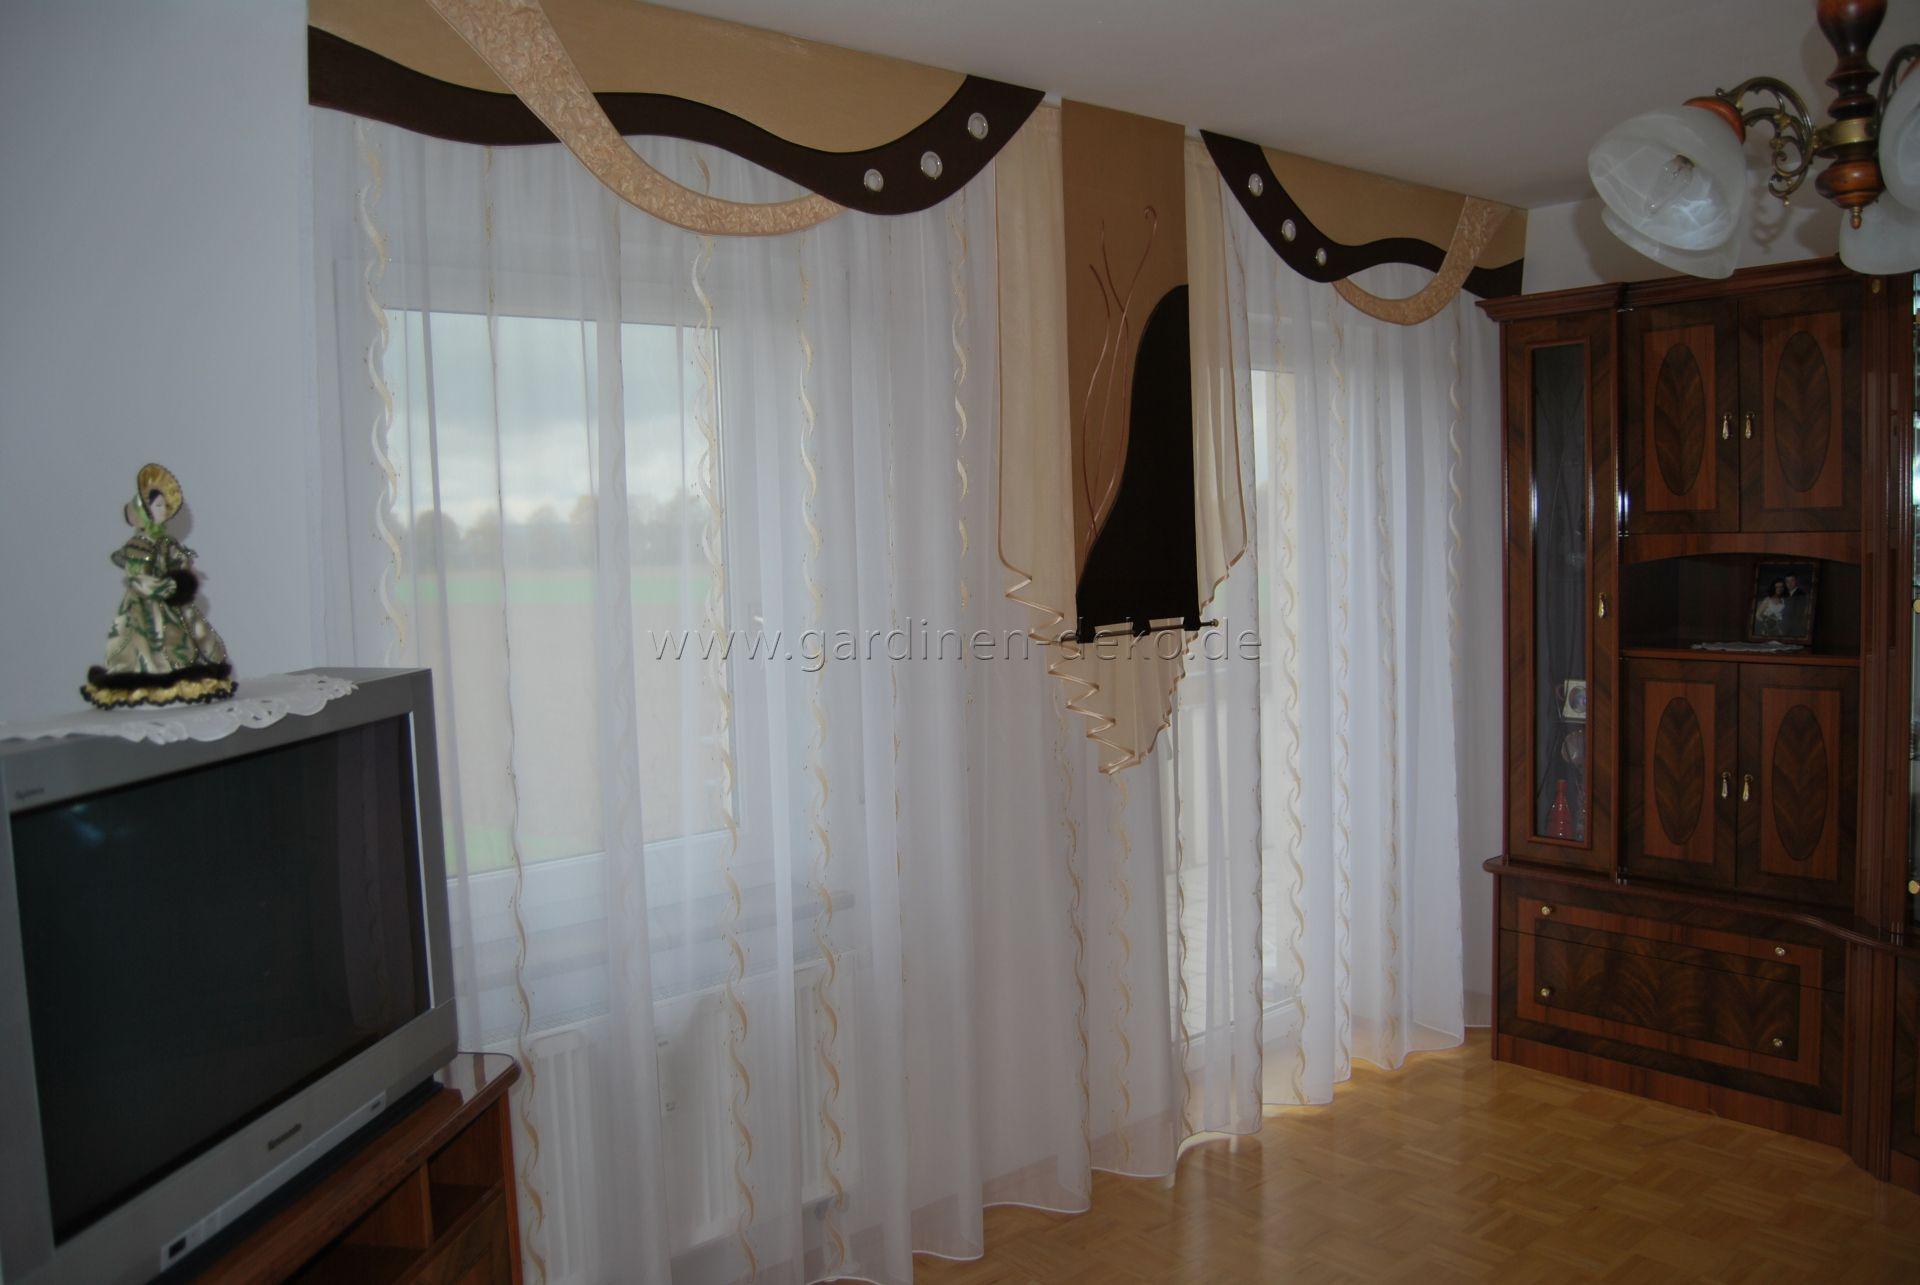 klassischer wohnzimmer vorhang mit braun beige t nen und wellenschabracken. Black Bedroom Furniture Sets. Home Design Ideas